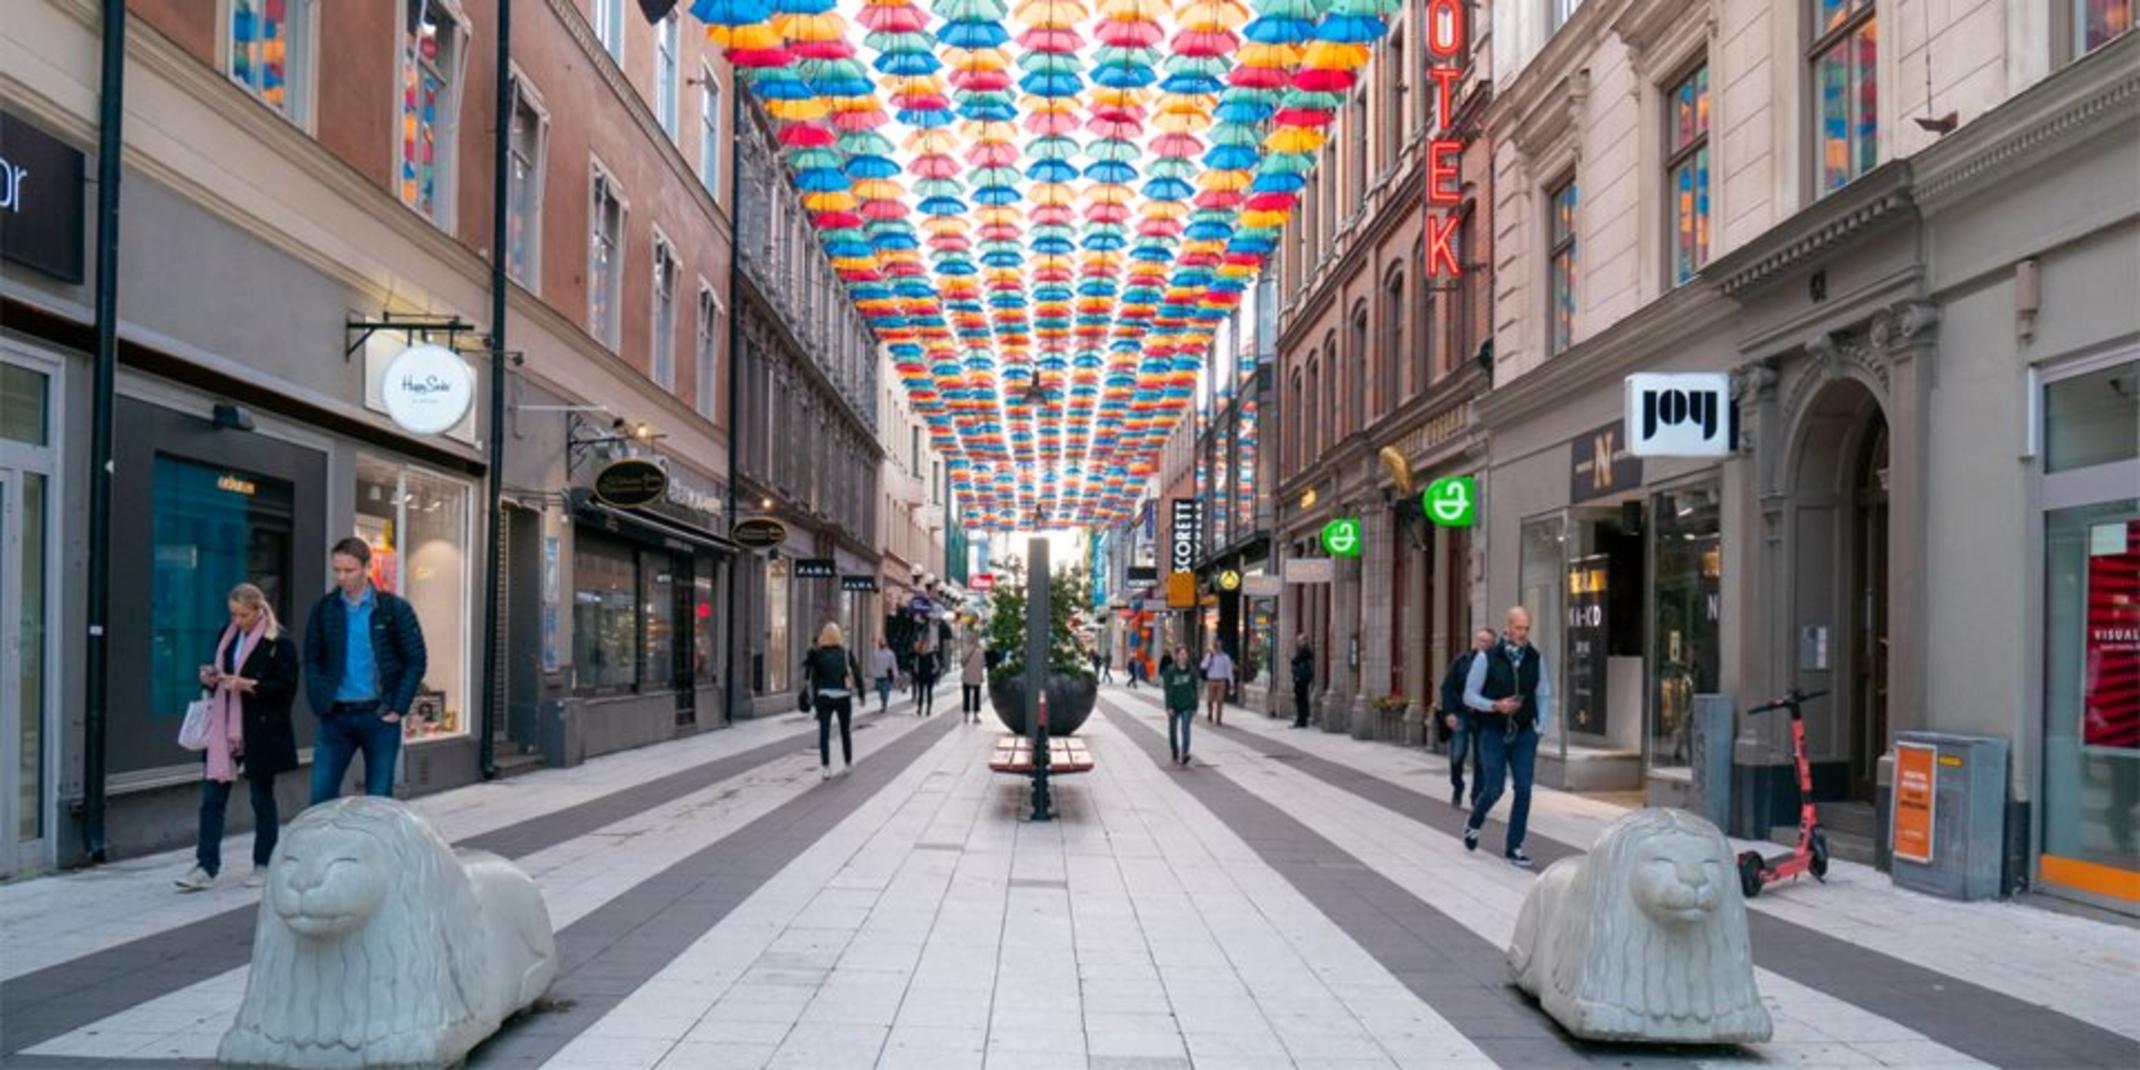 Agora ao vivo: 1400 guarda-chuvas formam um céu colorido sobre Drottninggatan